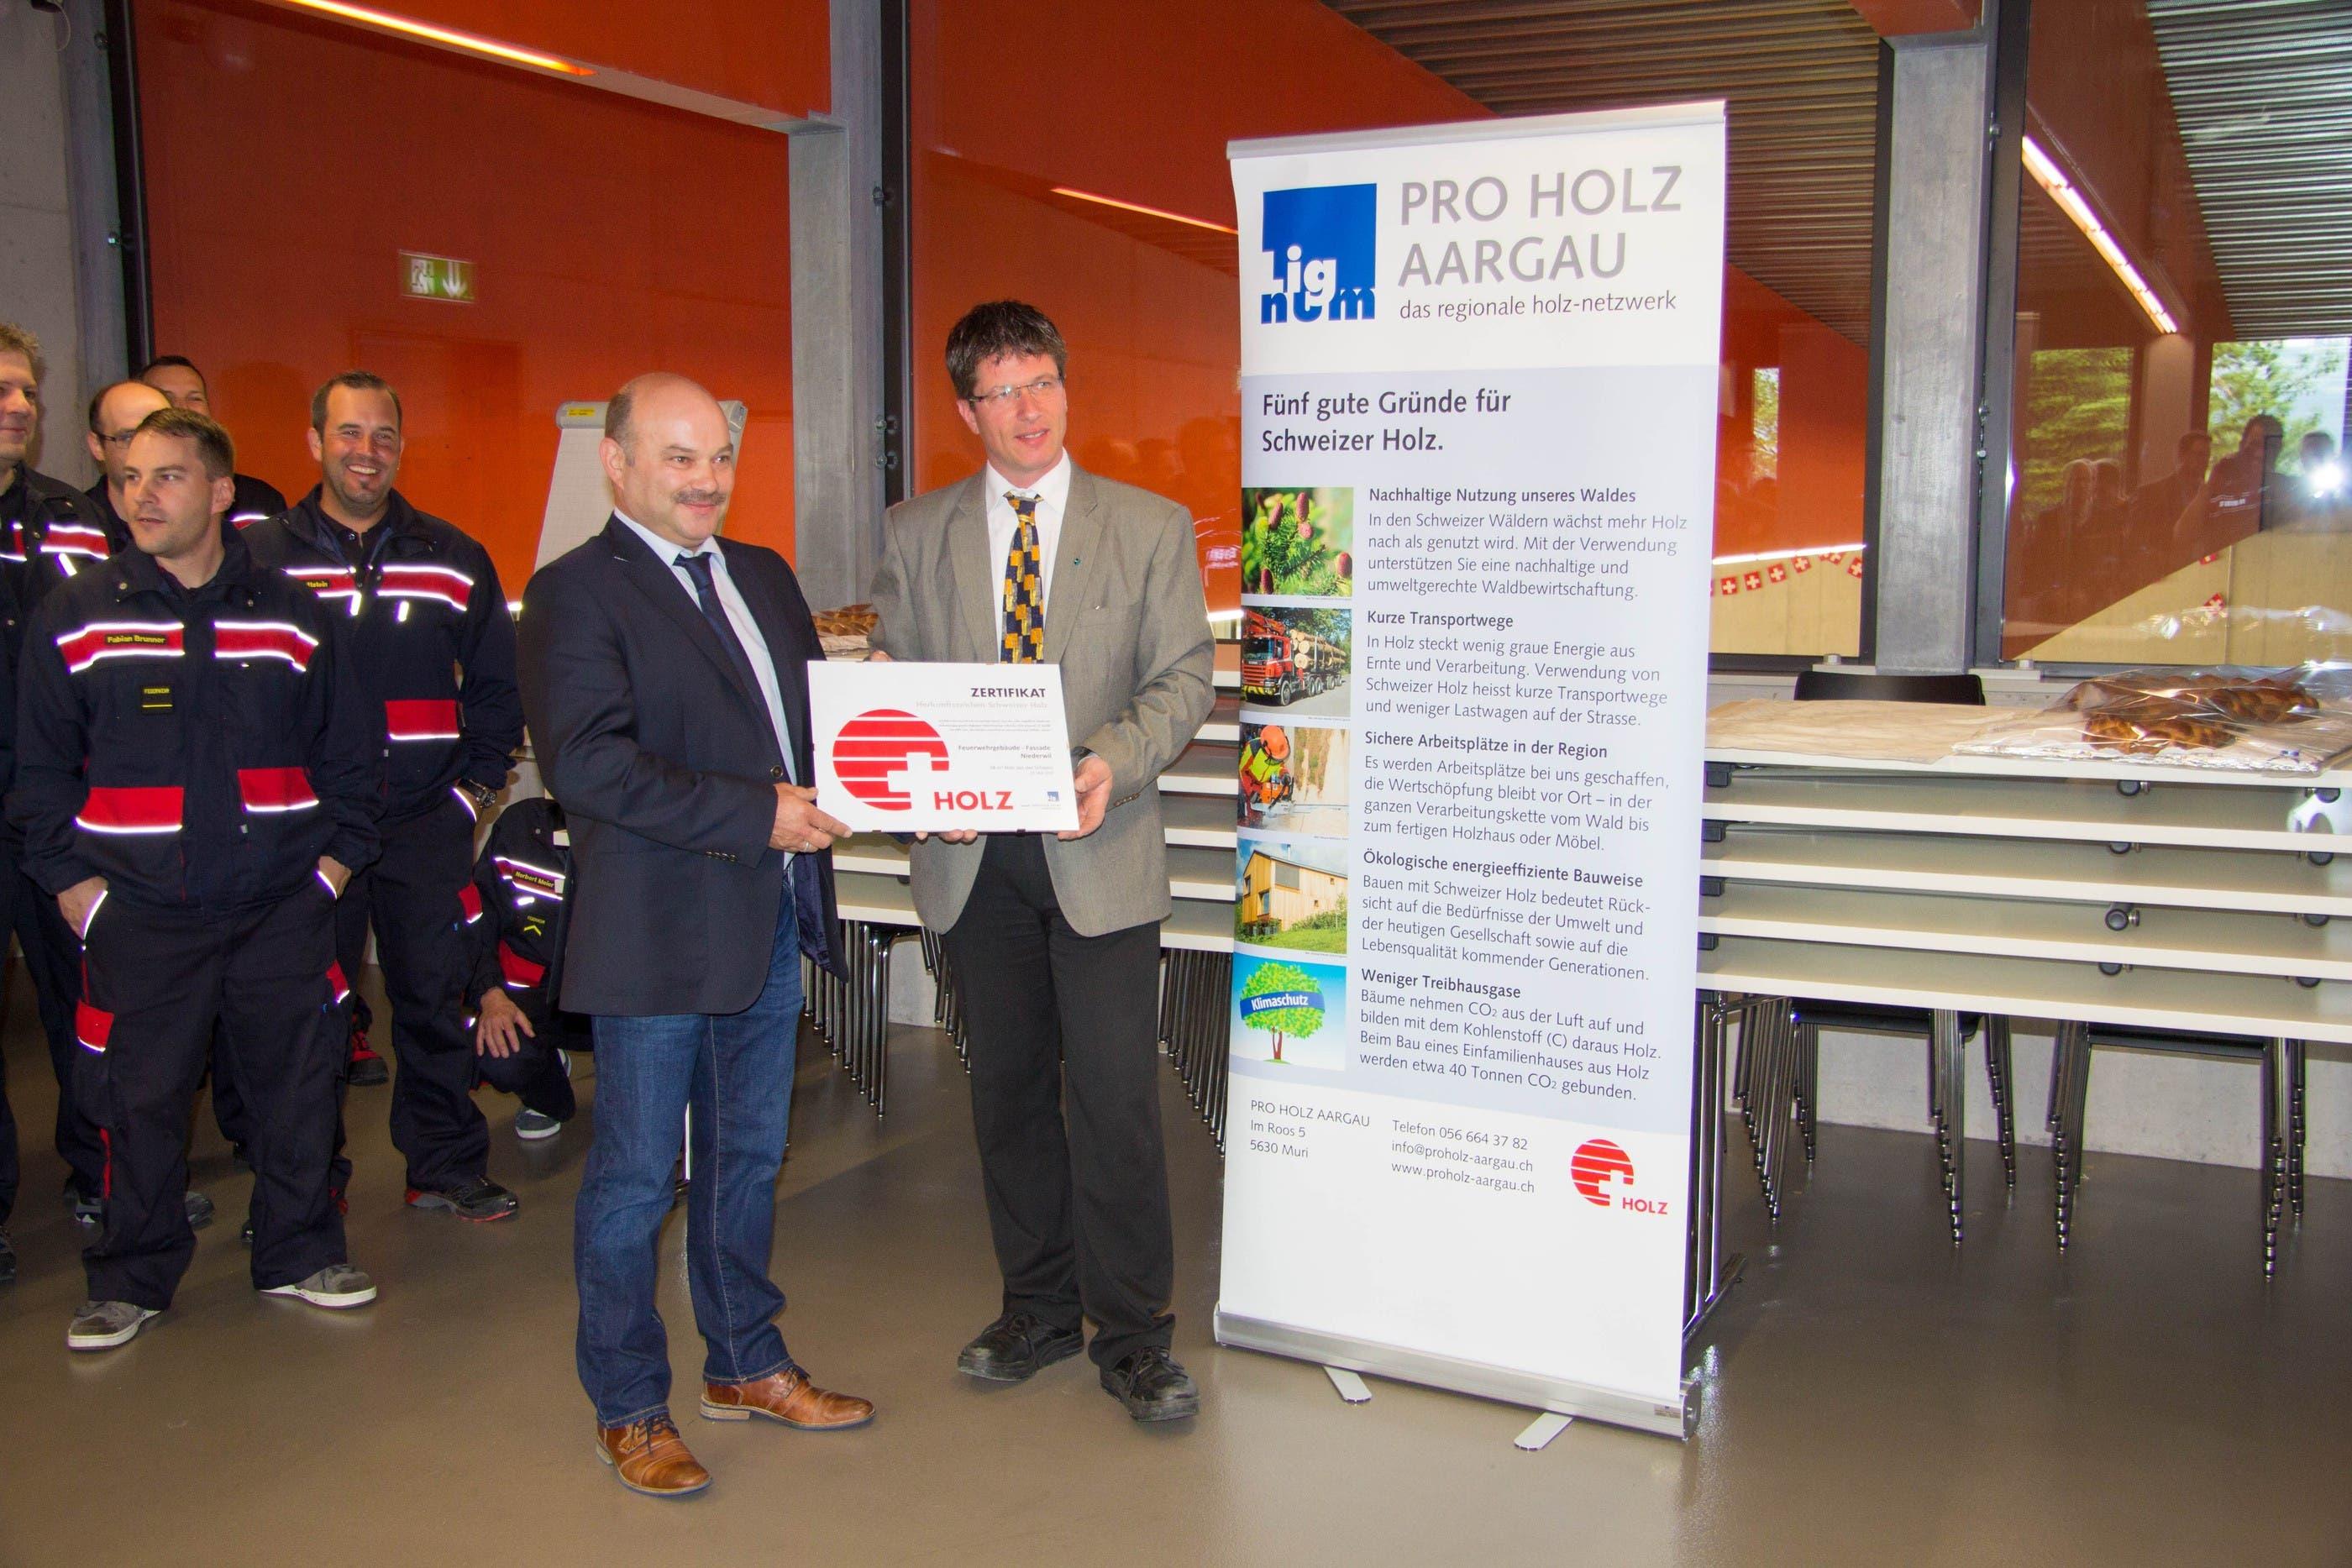 Ein Zertifikat für die Fassade aus einheimischem Holz überreicht Daniel Wehrli von Pro Holz Aargau dem Vizeammann von Niederwil, Peter Gauch